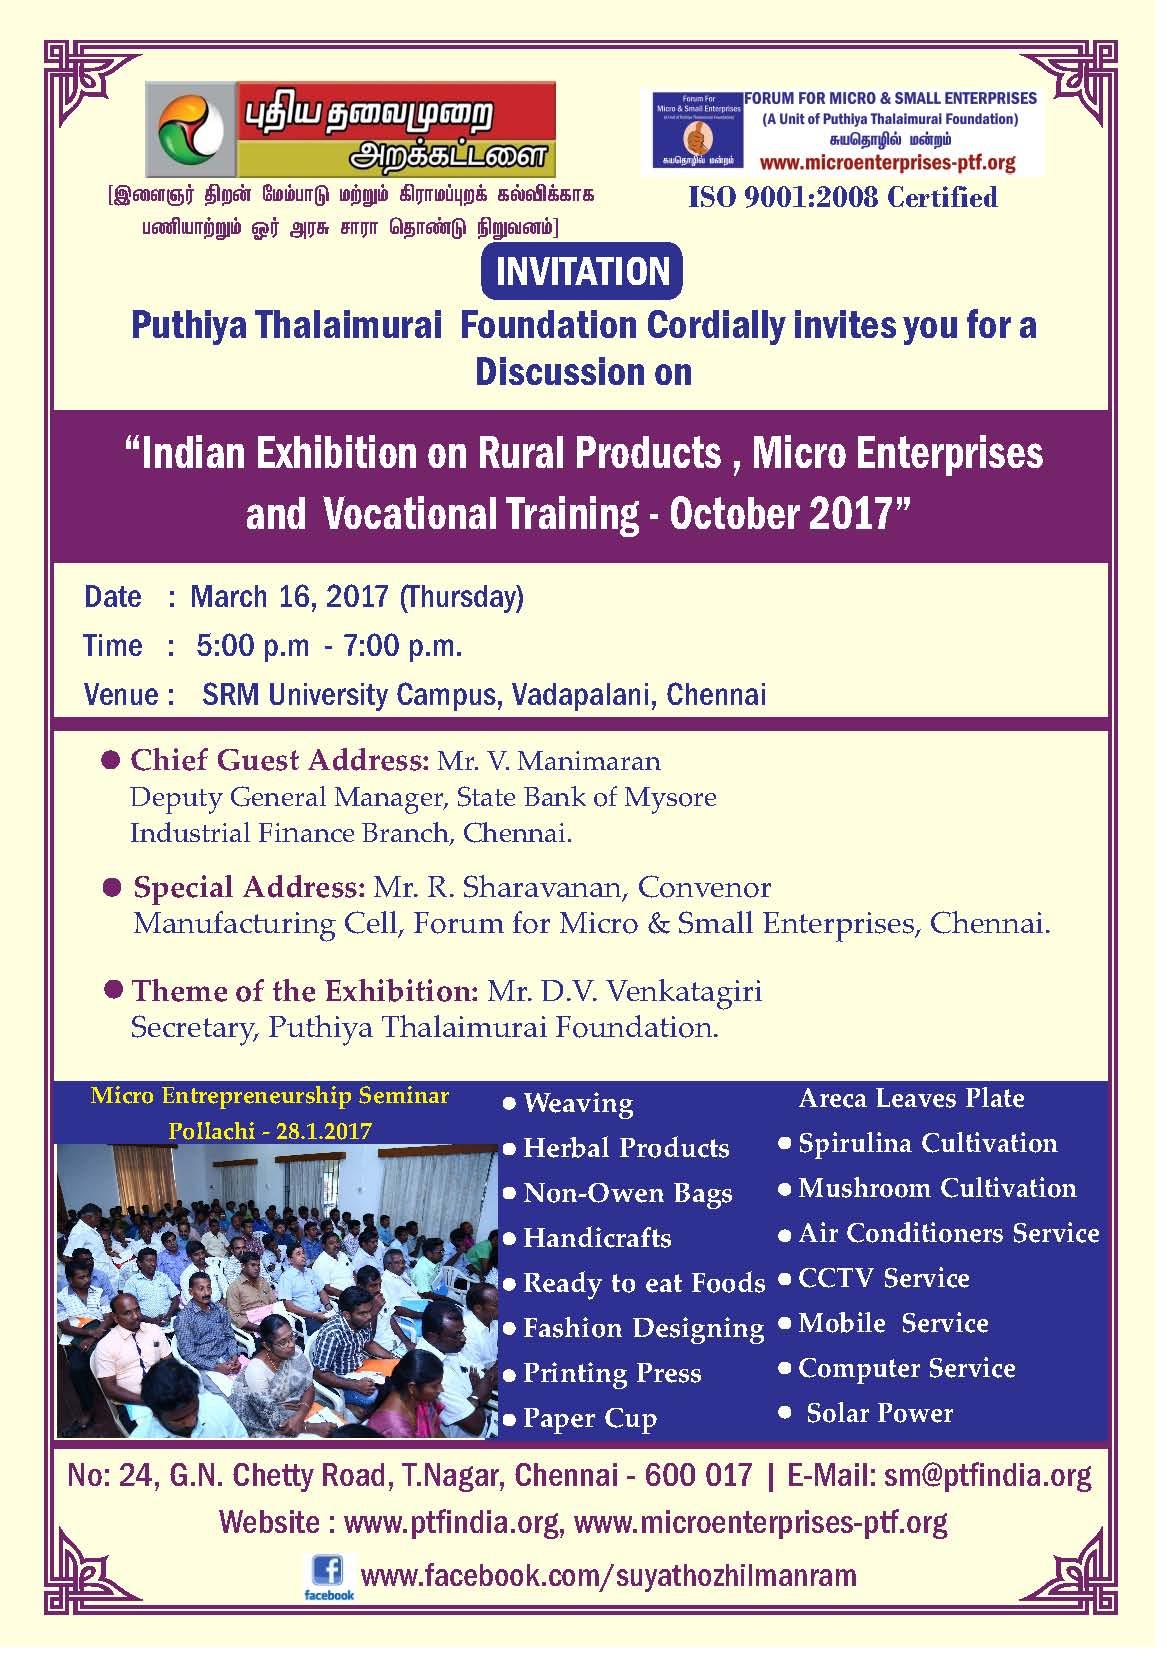 CHENNAI SM MEETING INVITATION